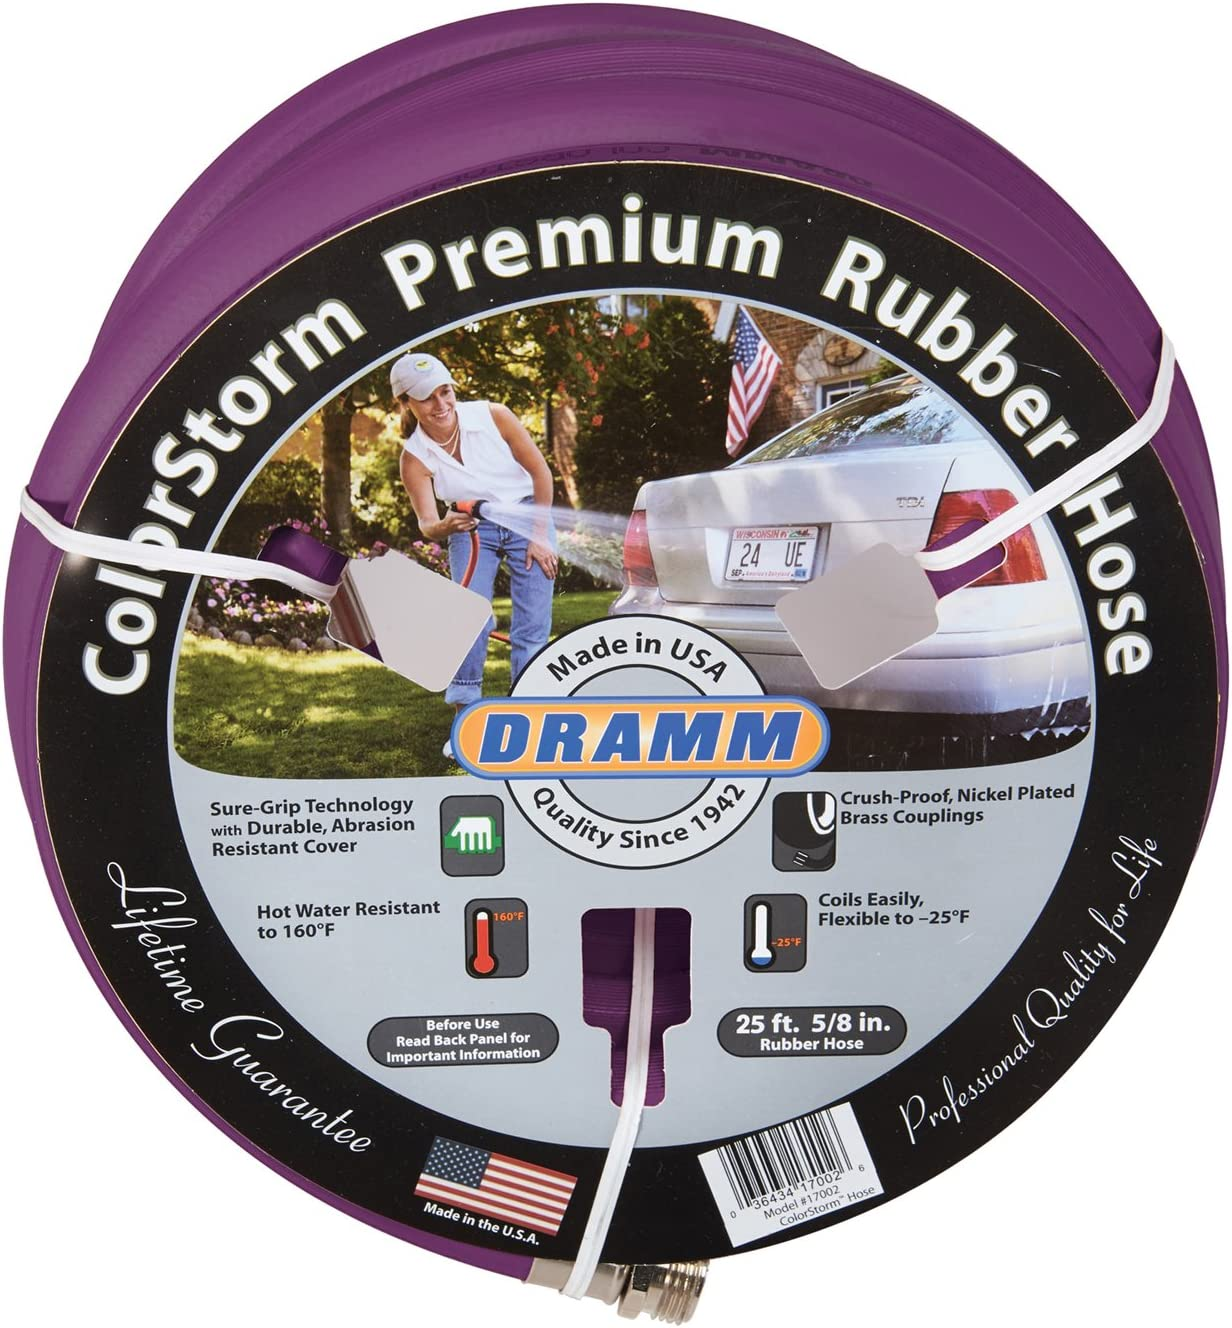 """Dramm 17106 ColorStorm Premium Rubber Hose 5/8"""" x 25' x25', Berry"""